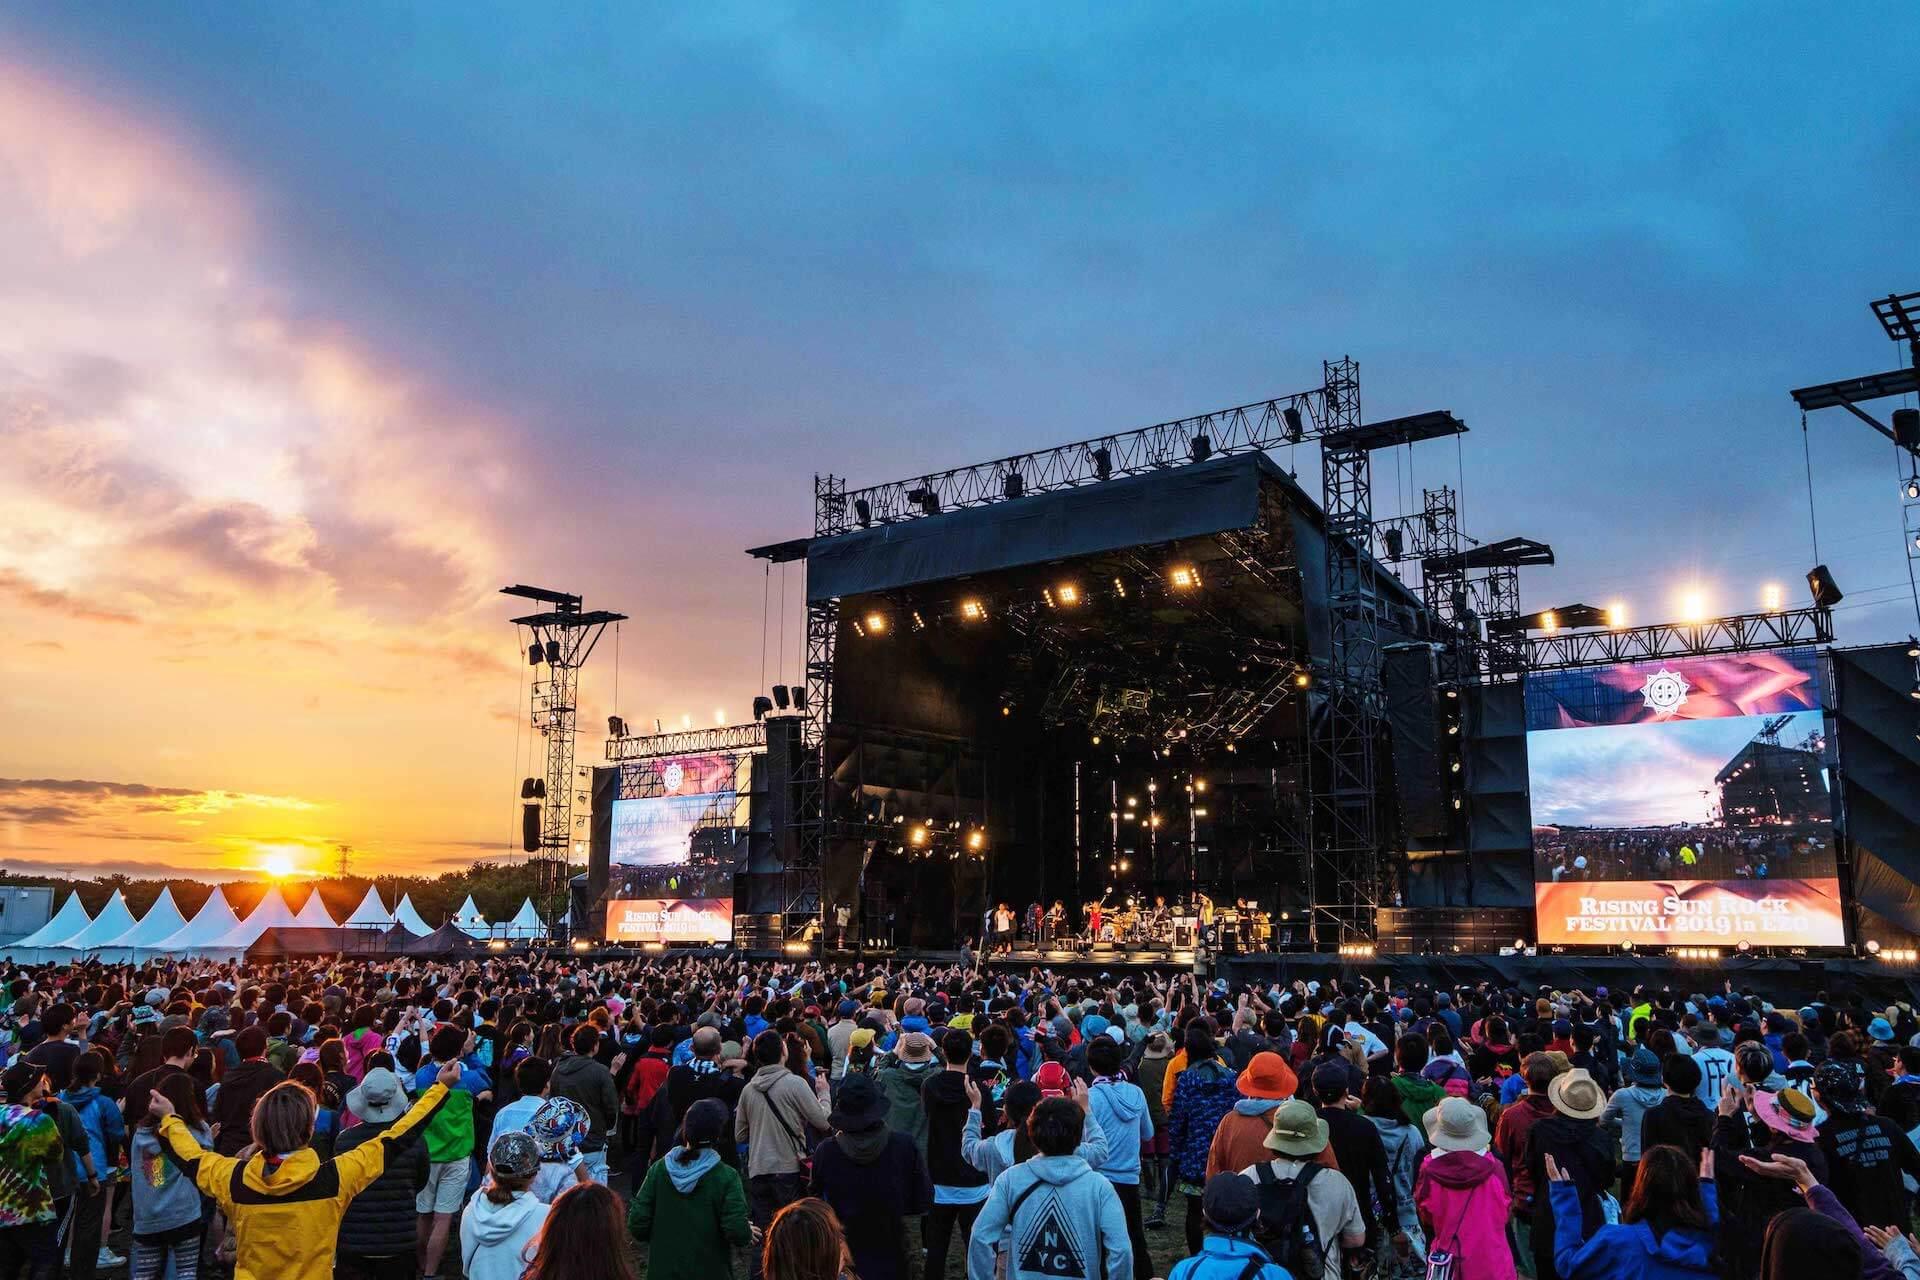 今年の夏は北海道で!<RISING SUN ROCK FESTIVAL 2020 in EZO>ロゴ&チケット抽選販売スケジュールが発表 music200131_rsr2020_2